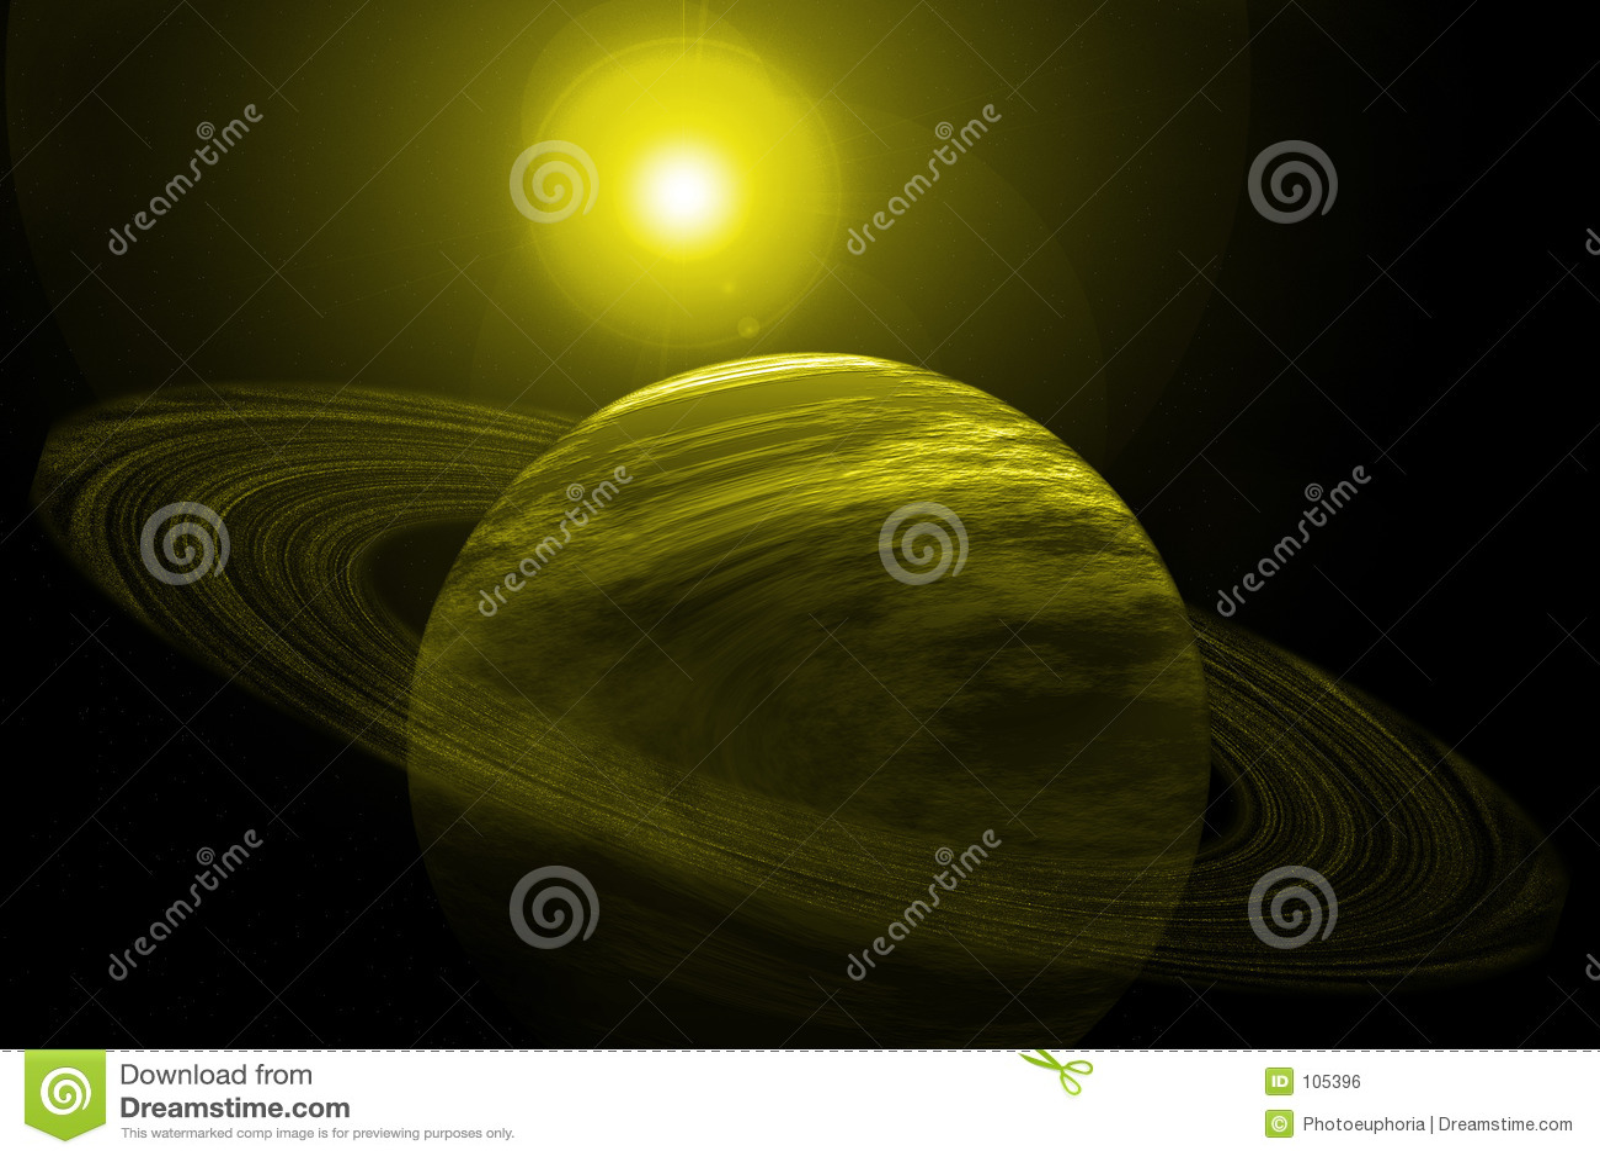 Planeta amarelo com anéis, estrelas e Sun